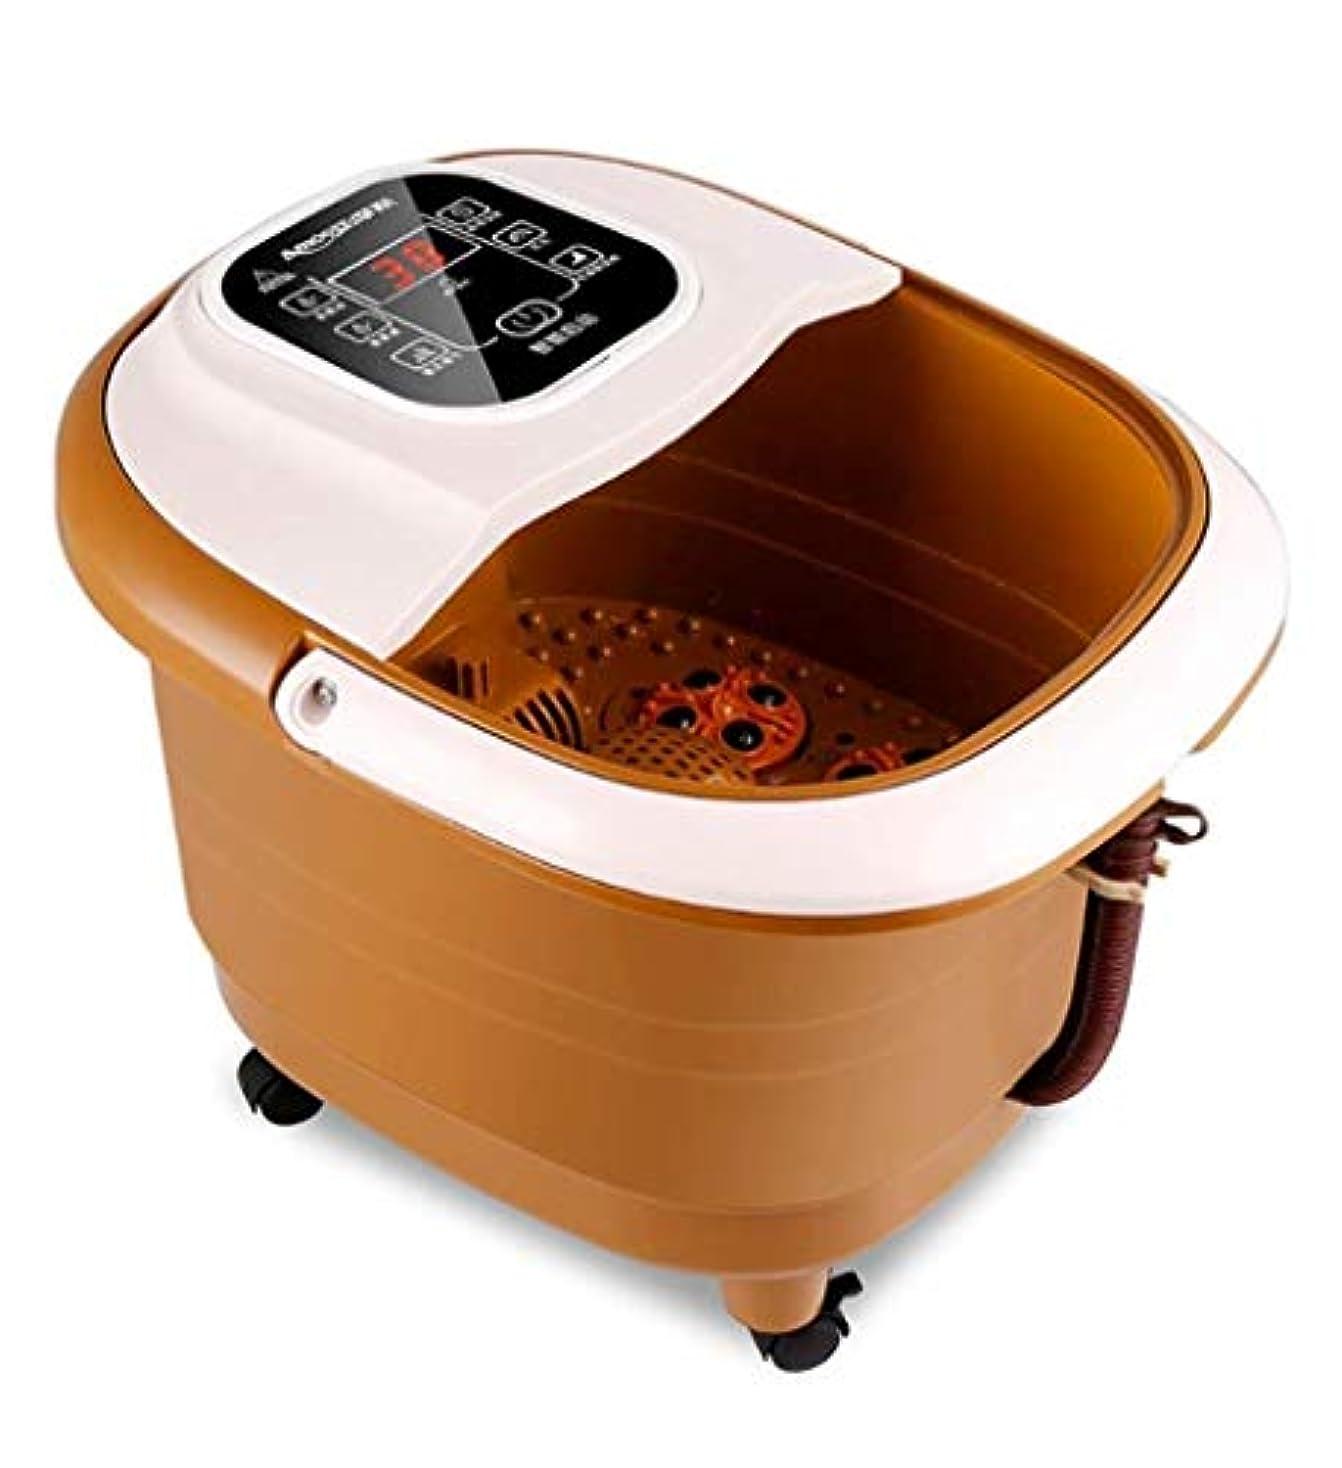 コートコンベンション鮫電動フットマッサージベイスン、フットスパアンドマッサージャー、加熱/磁場治療フットケア、取り外し可能なマッサージローラー、インテリジェントな水温制御、LEDディスプレイ